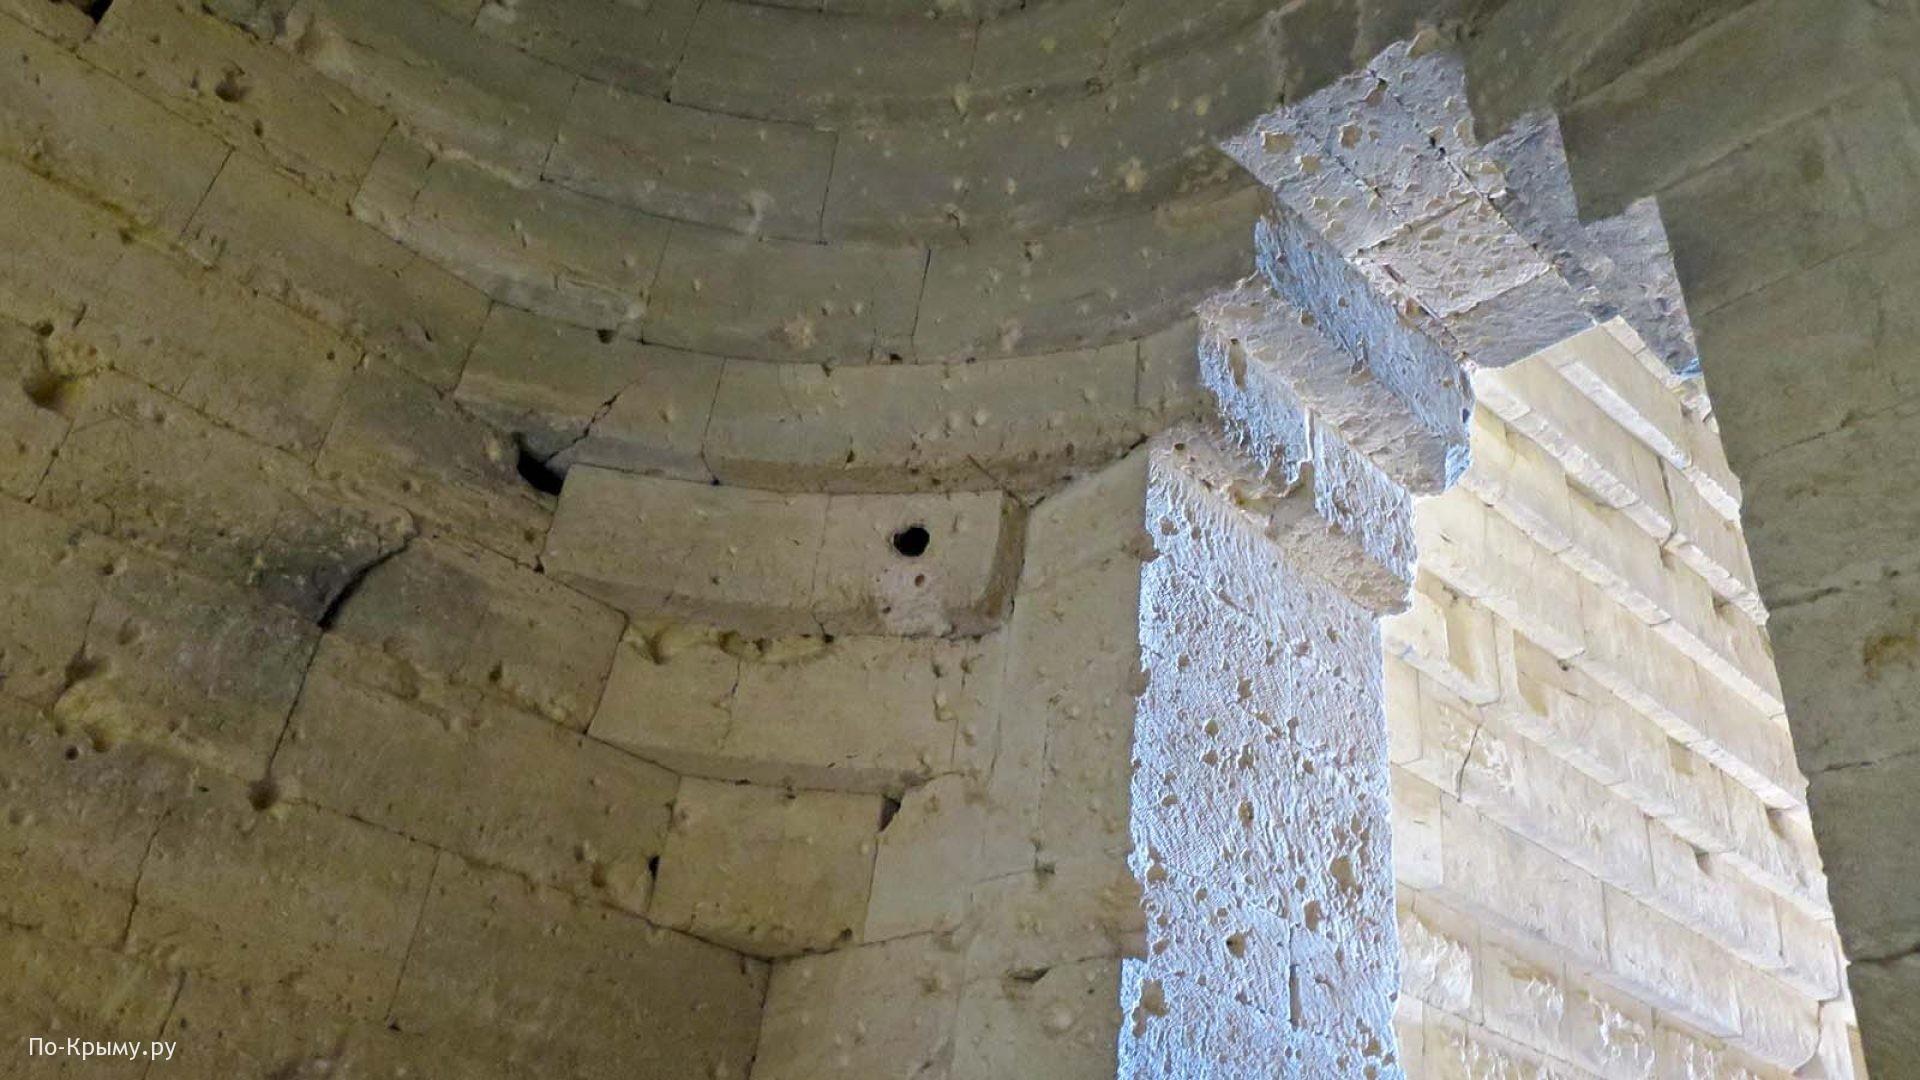 Внутреннее строение усыпальницы